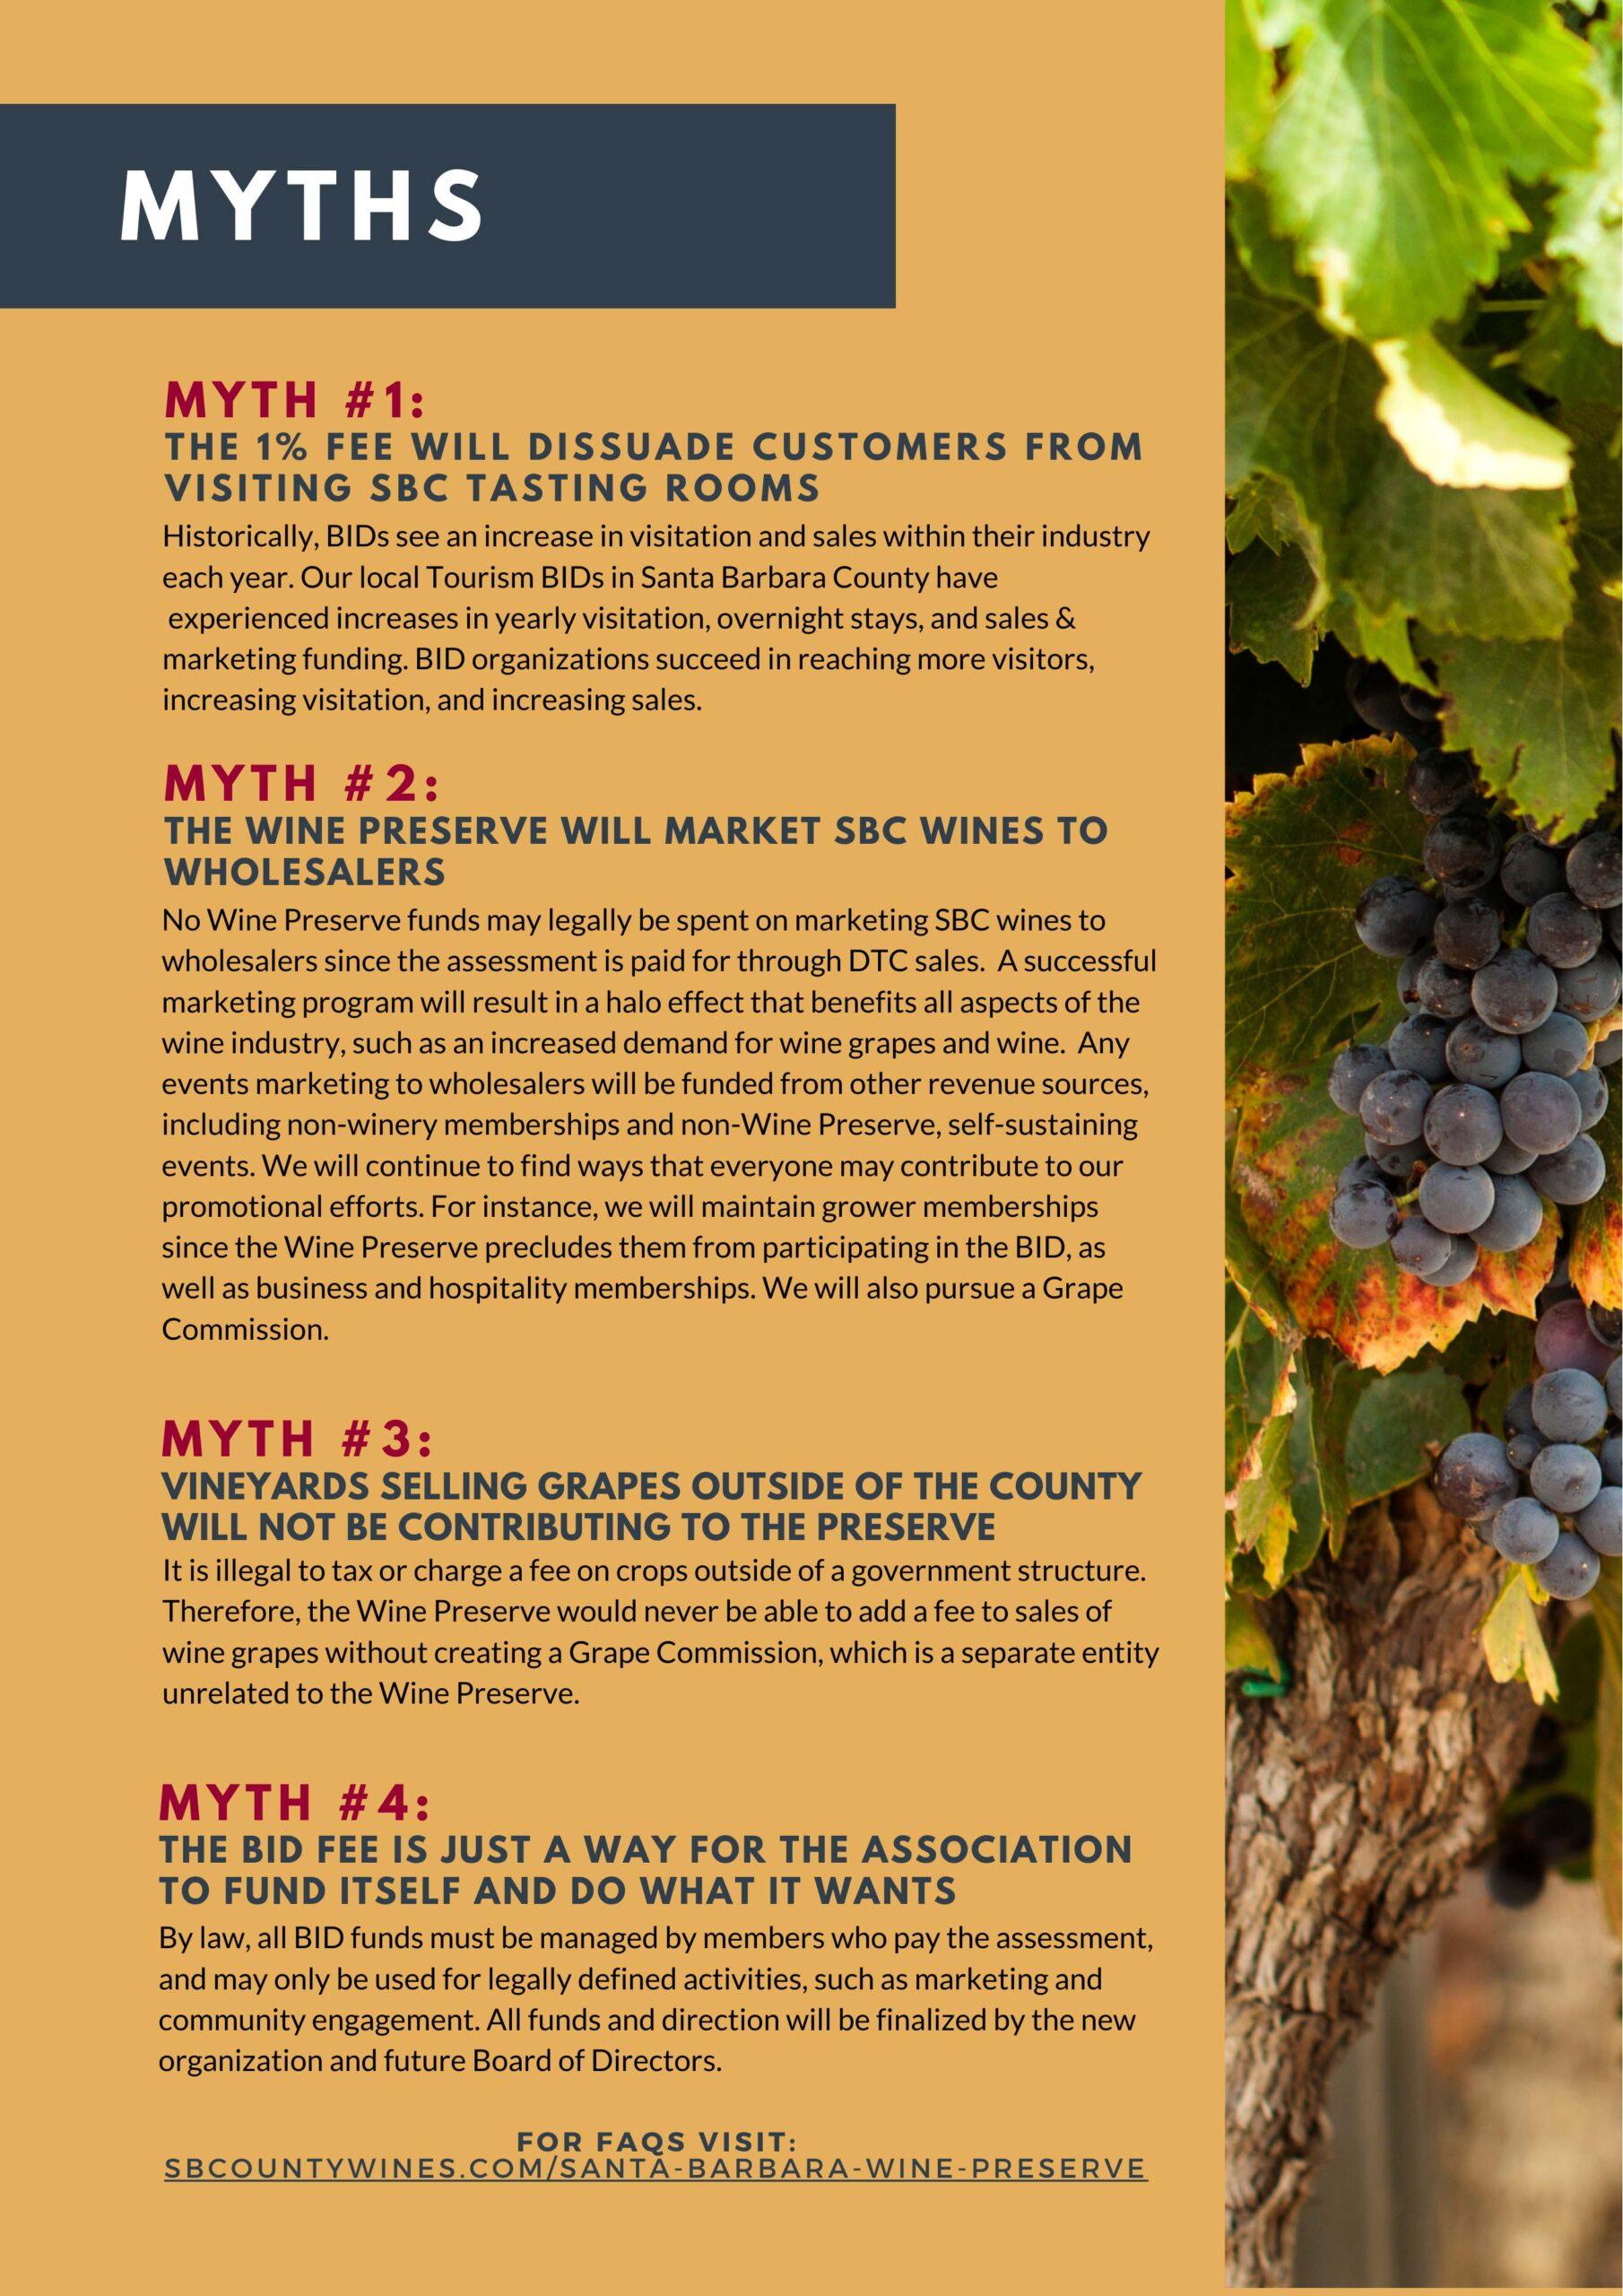 Santa Barbara Wine Preserve Myths